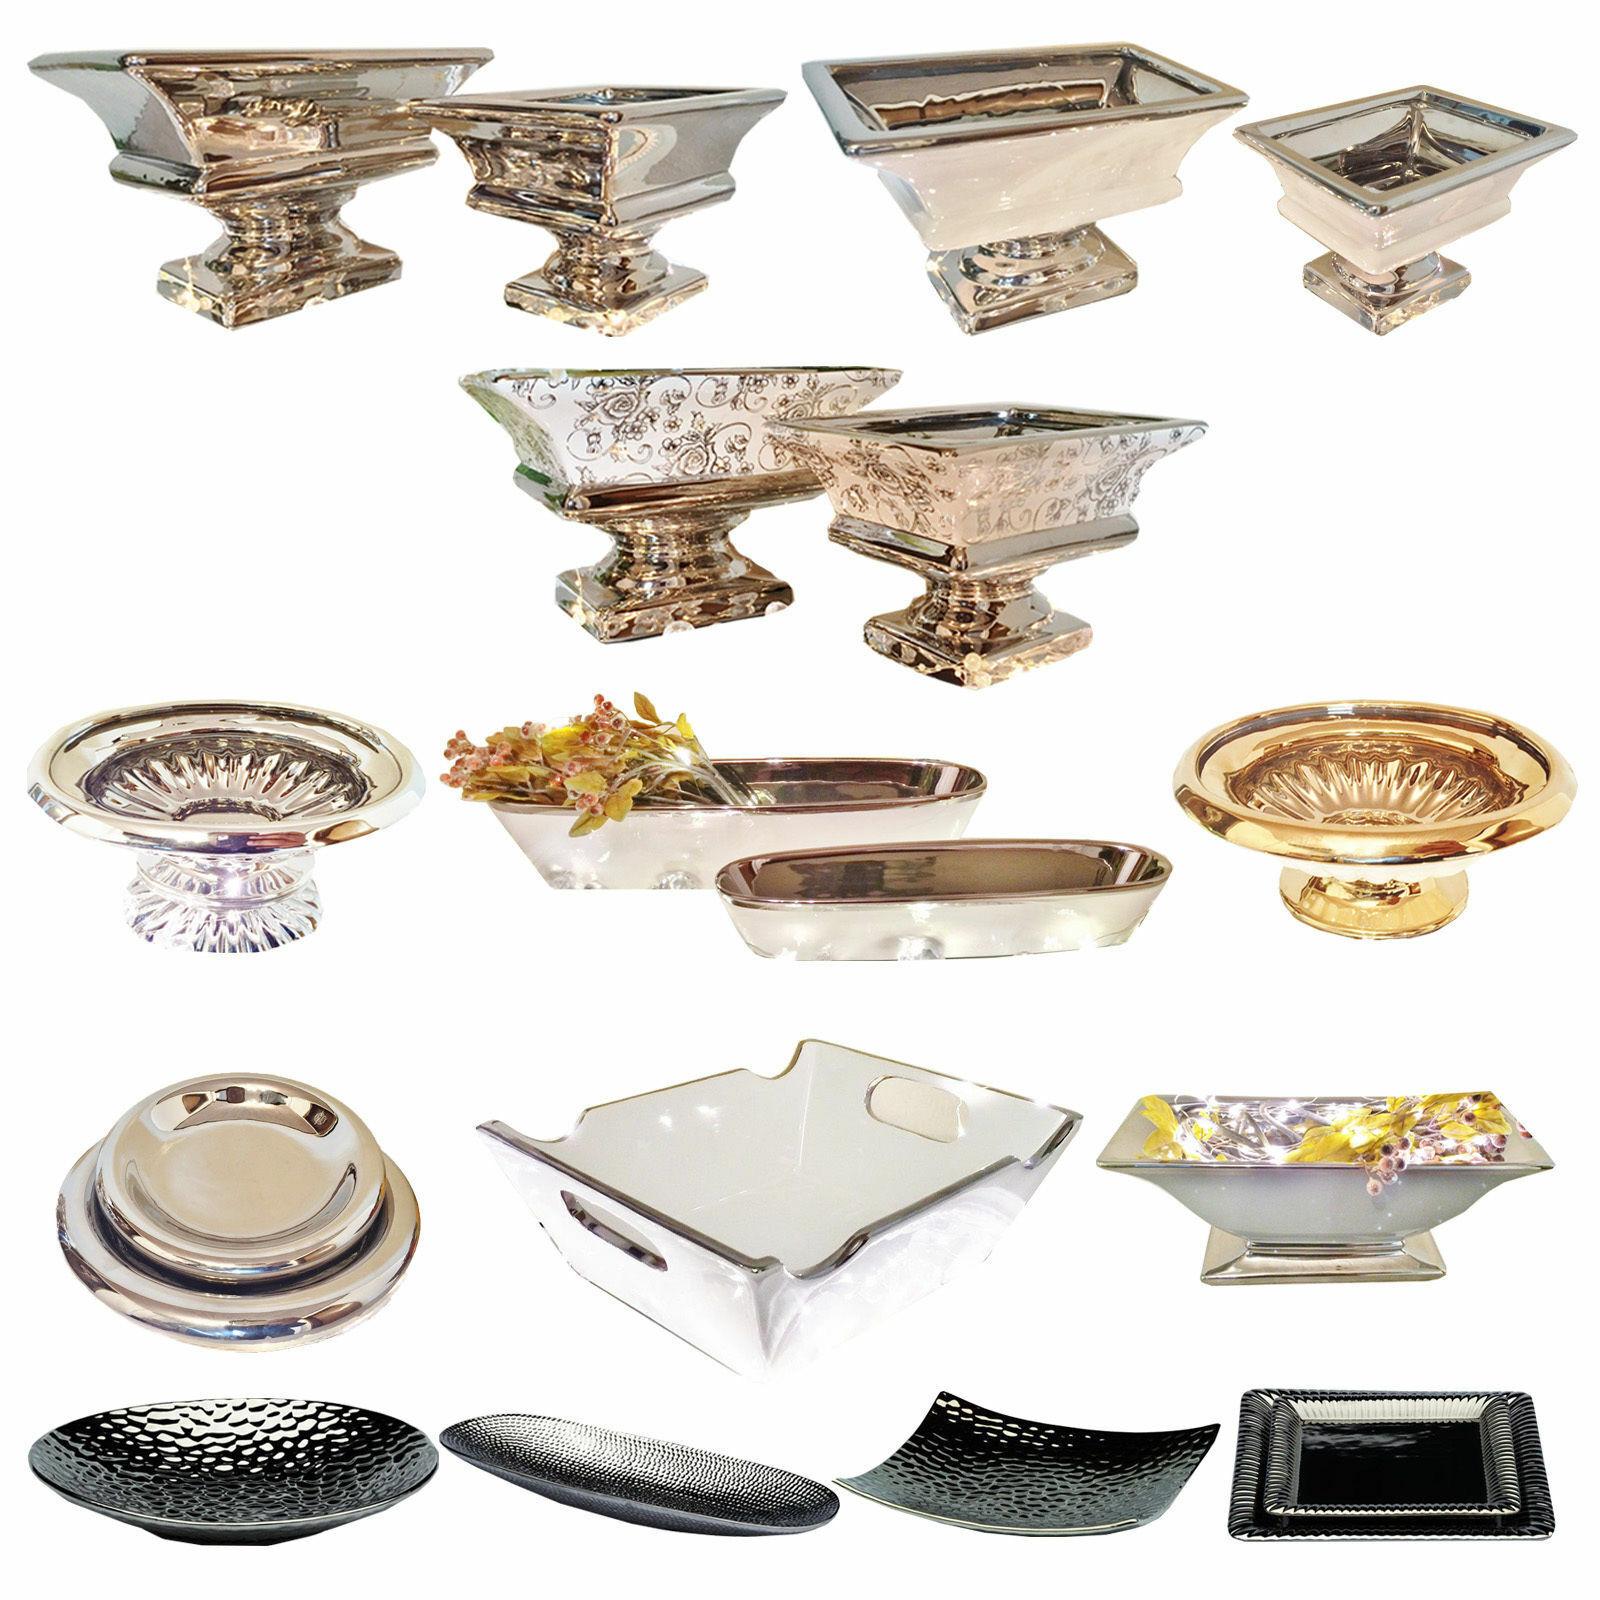 Keramik Dekoschale Schale Silber Tisch Deko Keramikschale Dekoschalen Schalen